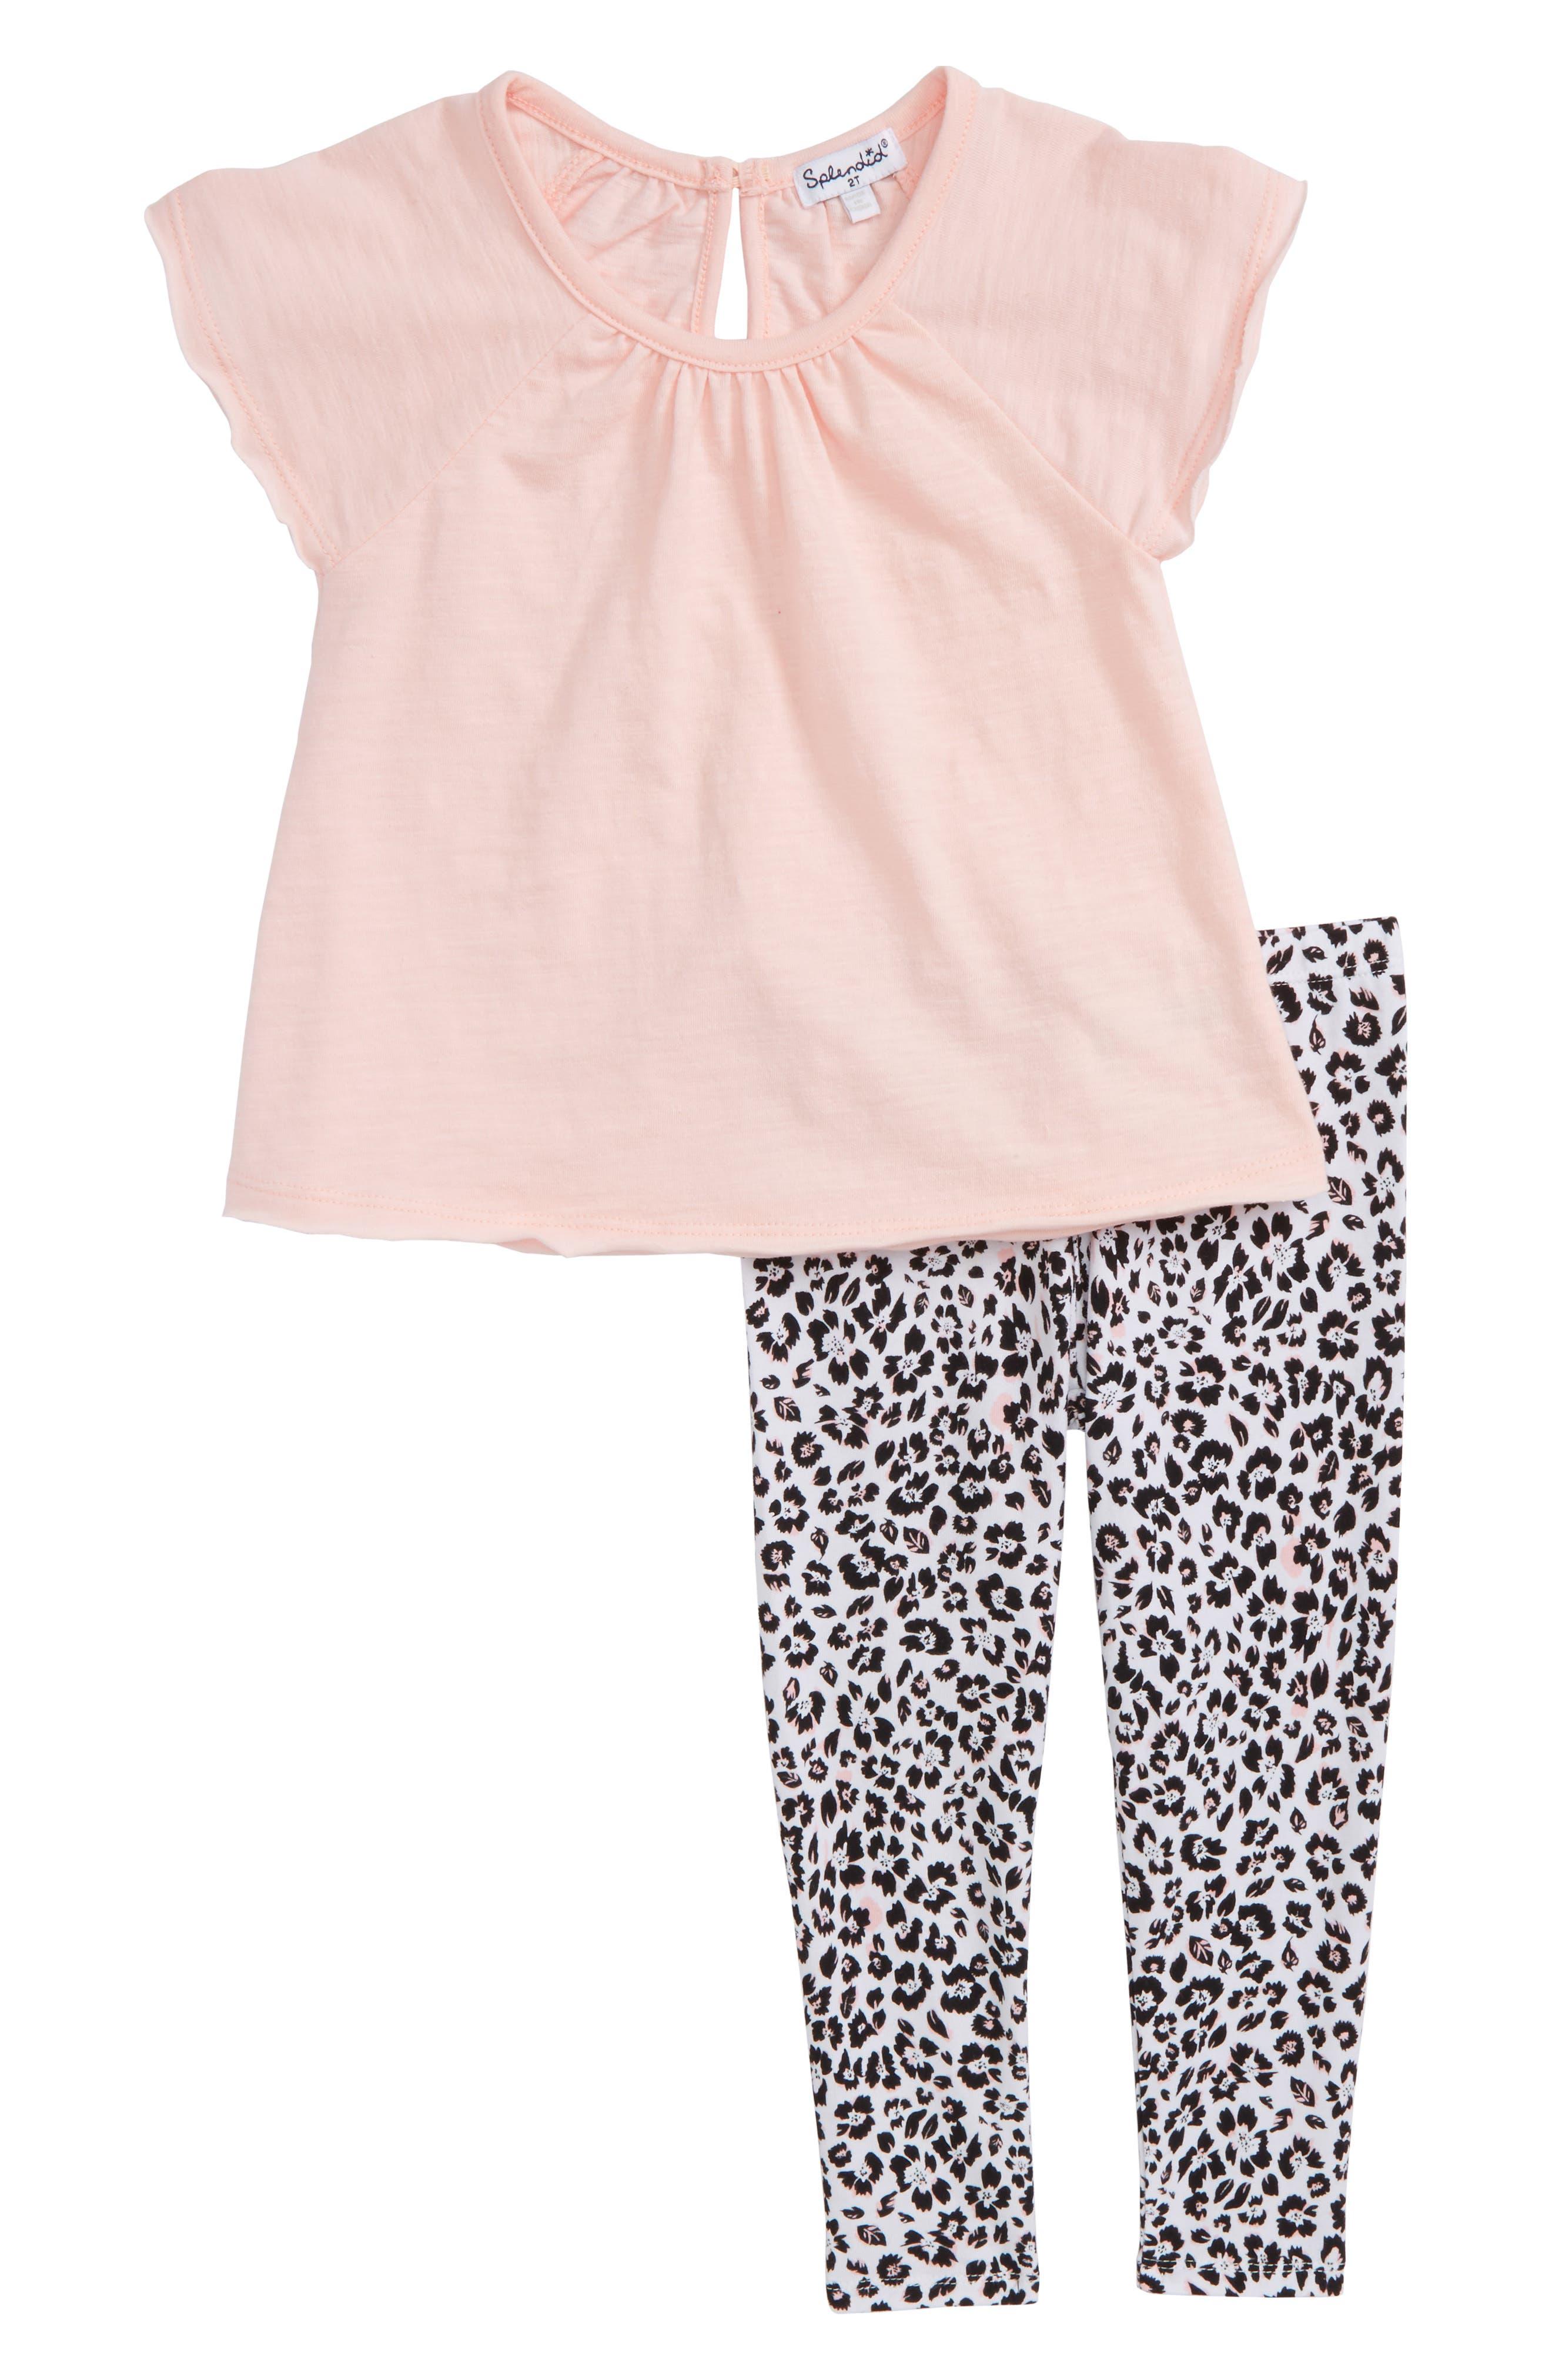 Swing Top & Floral Print Leggings Set,                         Main,                         color,